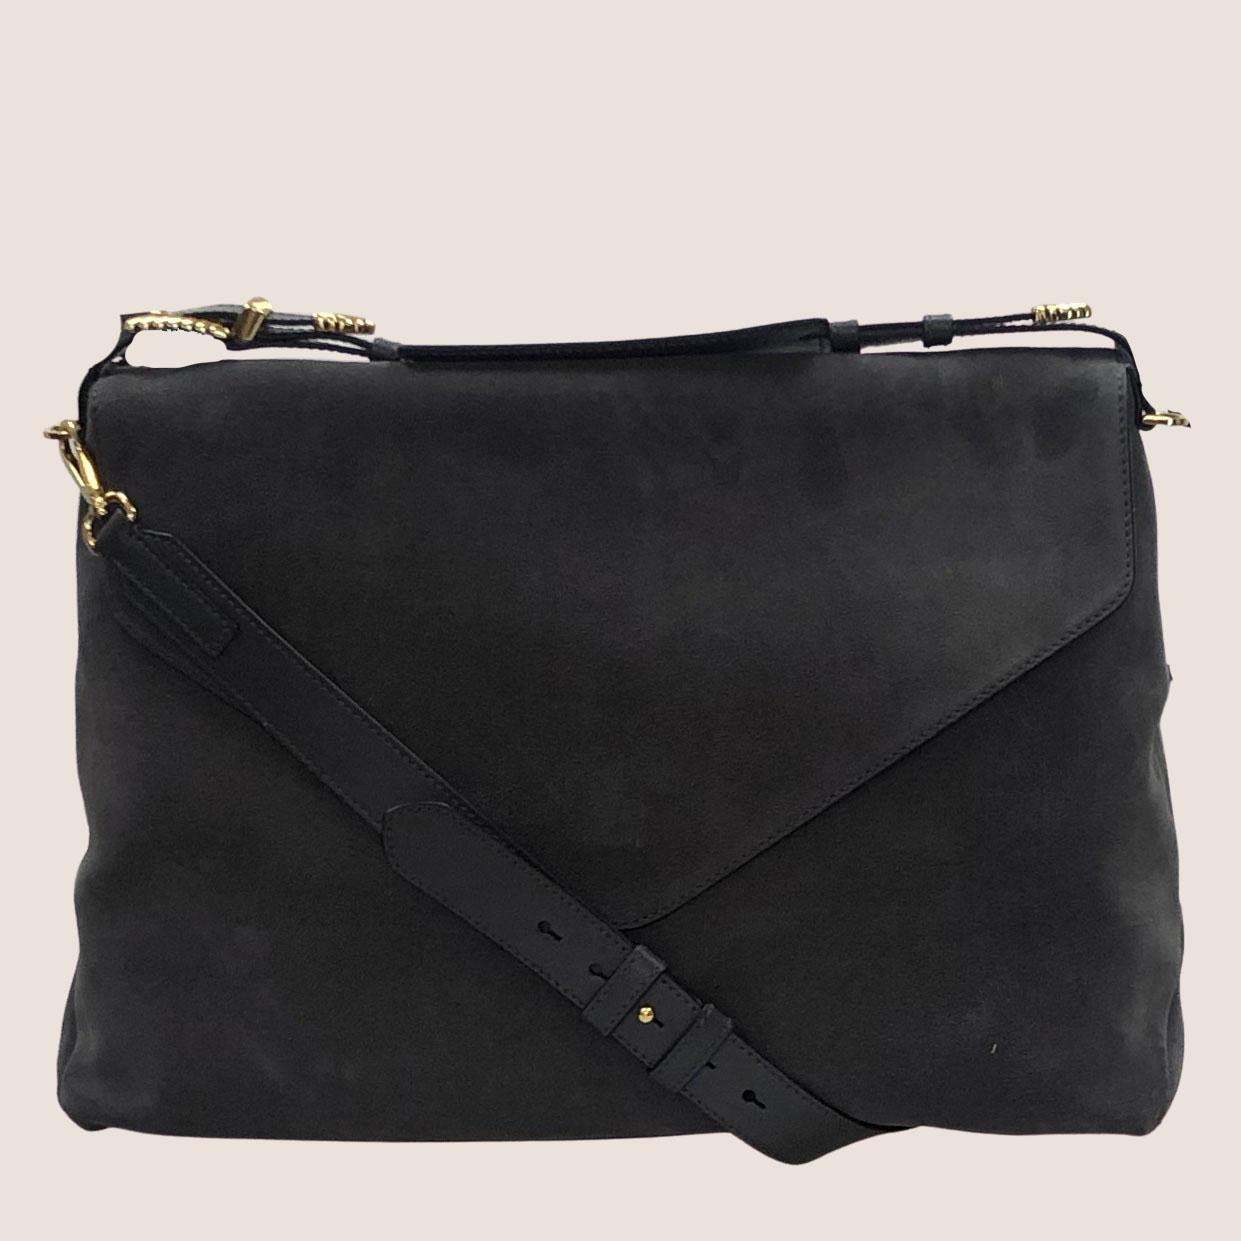 Shoulder Bag - Large